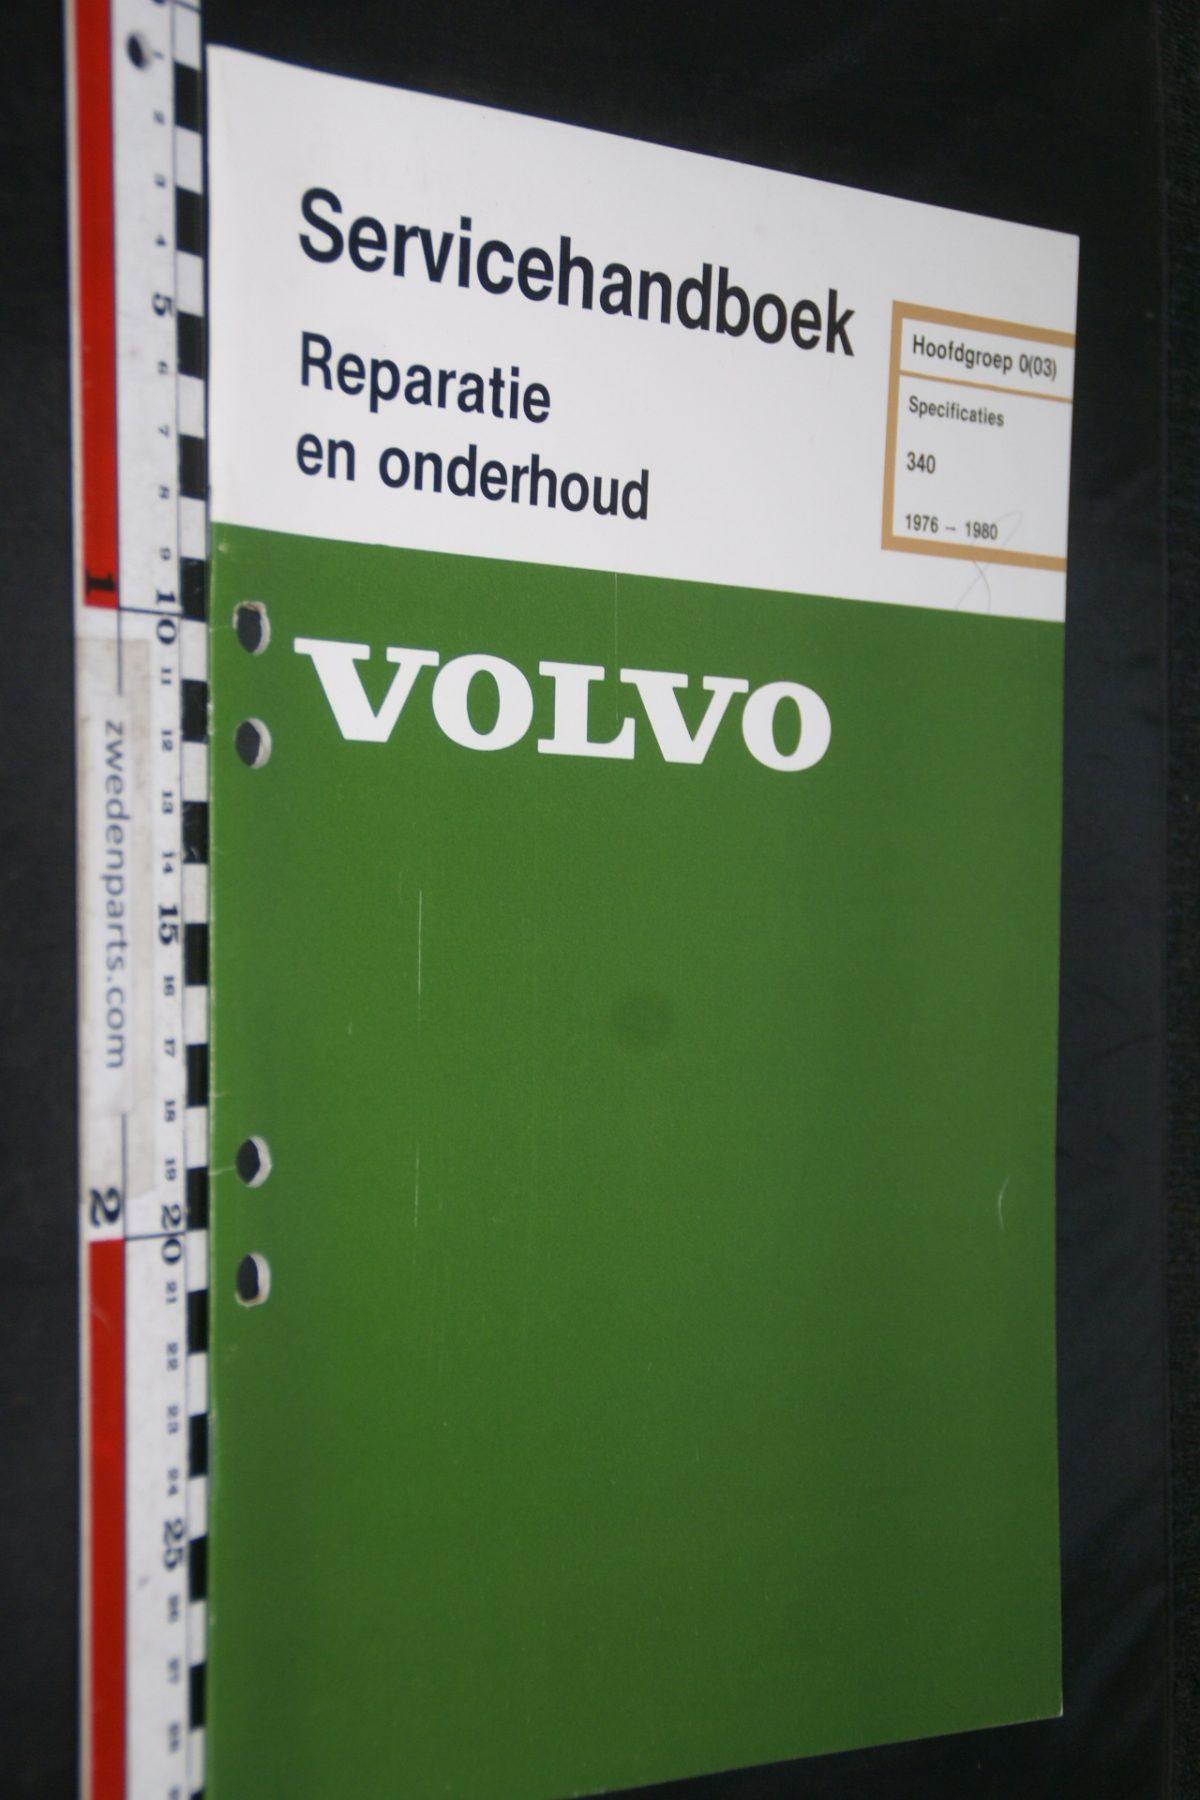 DSC06768 1979 origineel Volvo 340 servicehandboek 0 (03) specificaties 1 van 600 TP 35028-1